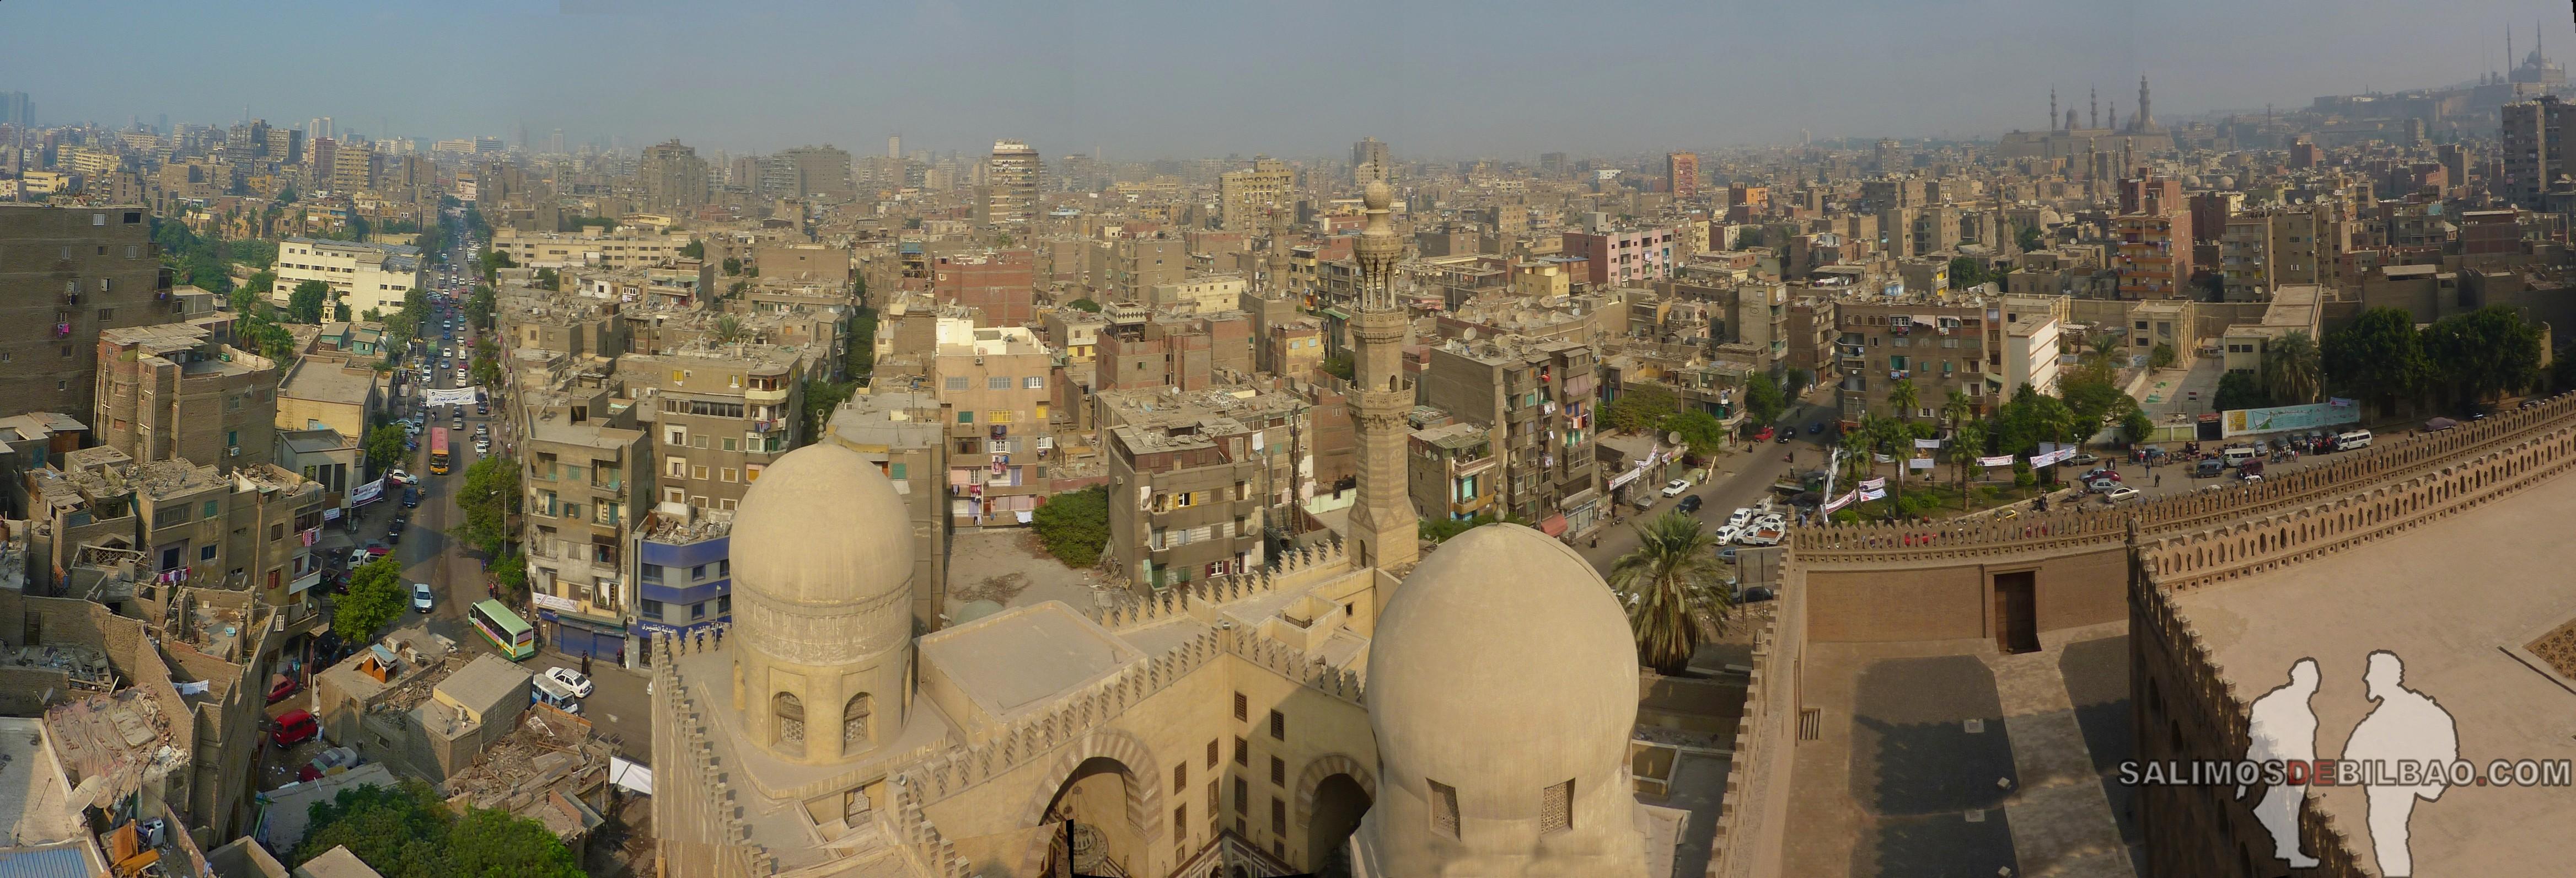 0019. Pano, Vistas desde Mezquita de Ahmad Ibn Tulun, Cairo